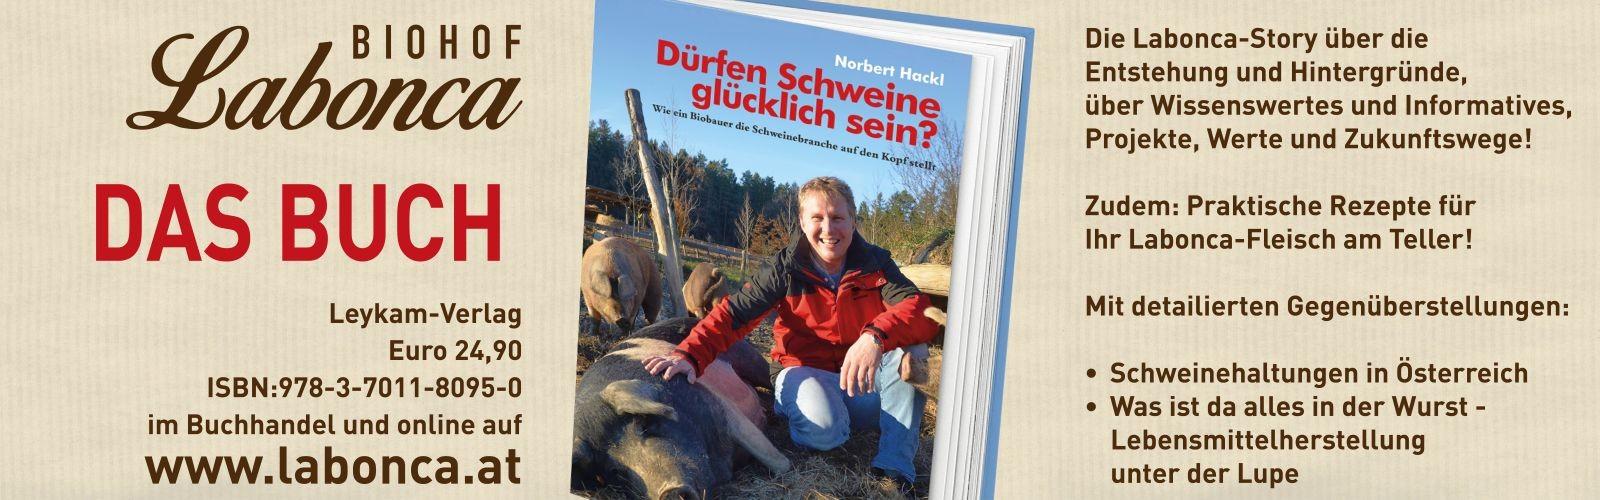 Motivbild der Seite BUCH - Dürfen Schweine glücklich sein?